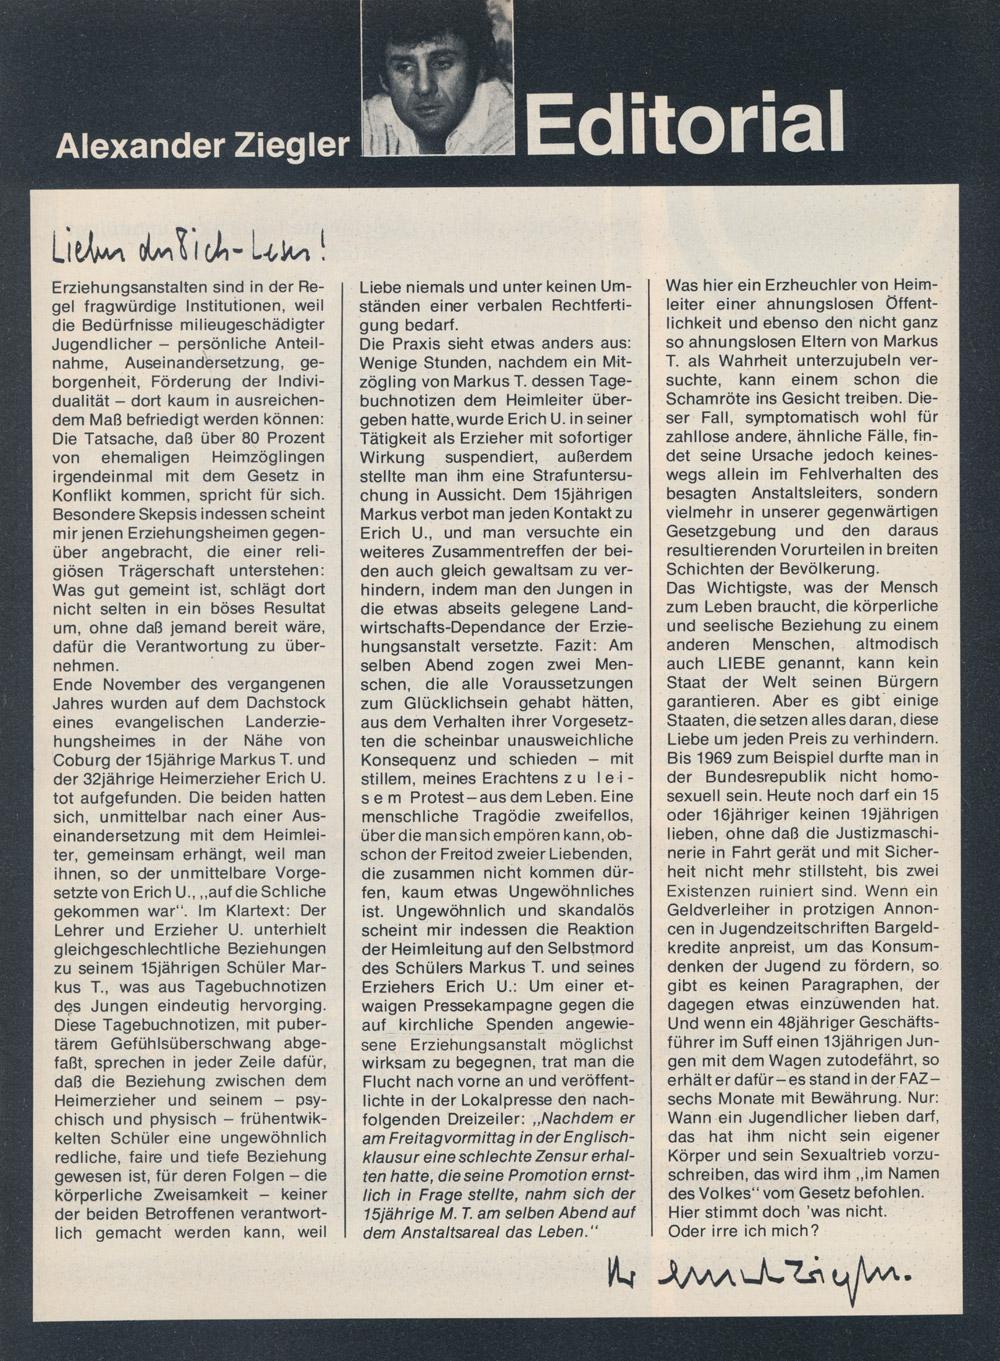 Du & Ich Nr 3, 1979: Alexander Ziegler Editorial